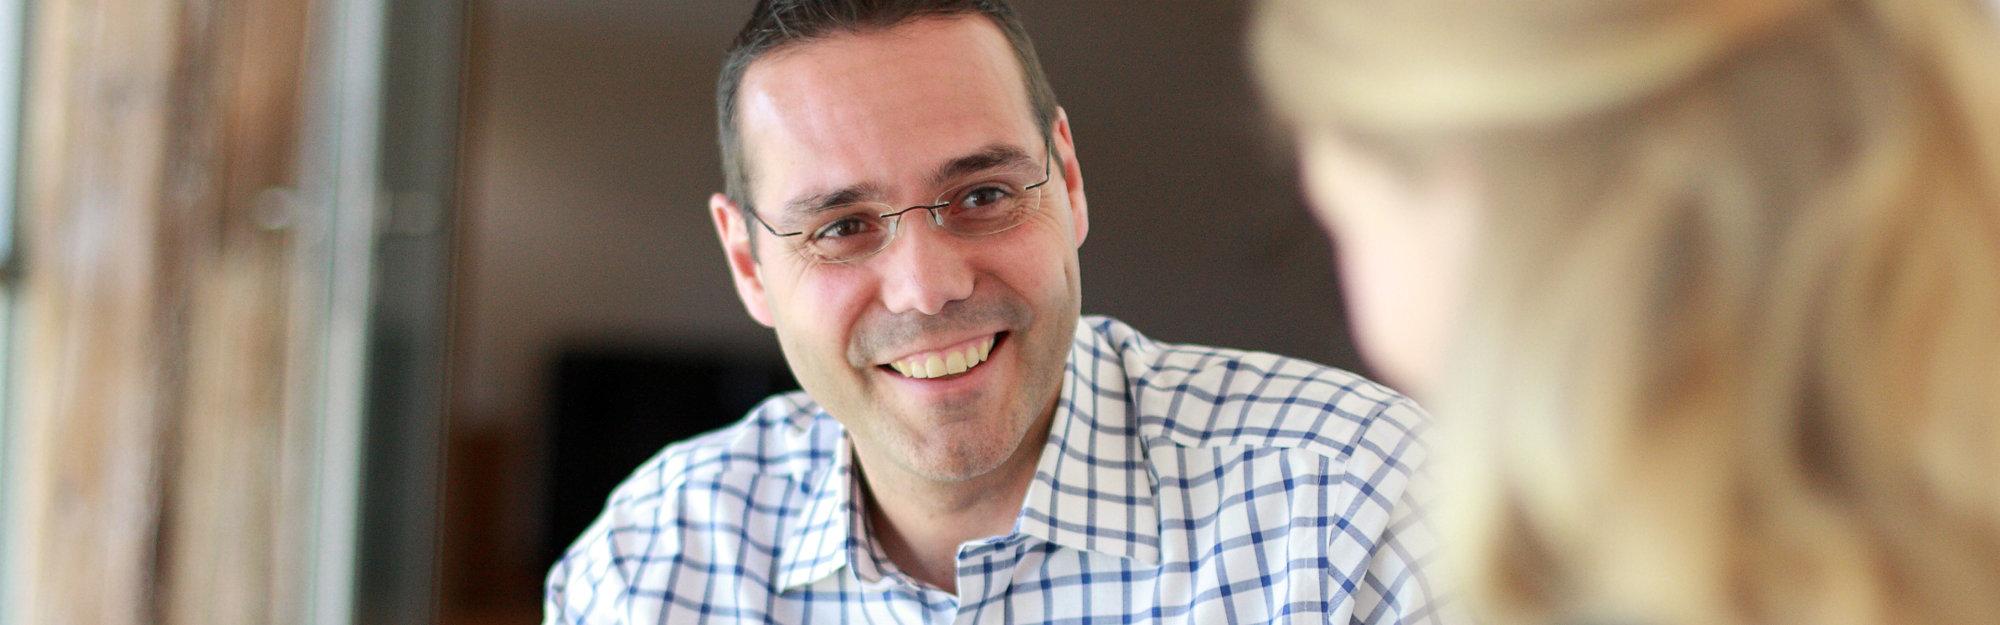 diavendo - Marc Weitzmann - Trainer, Coach & Persönlichkeitsentwickler